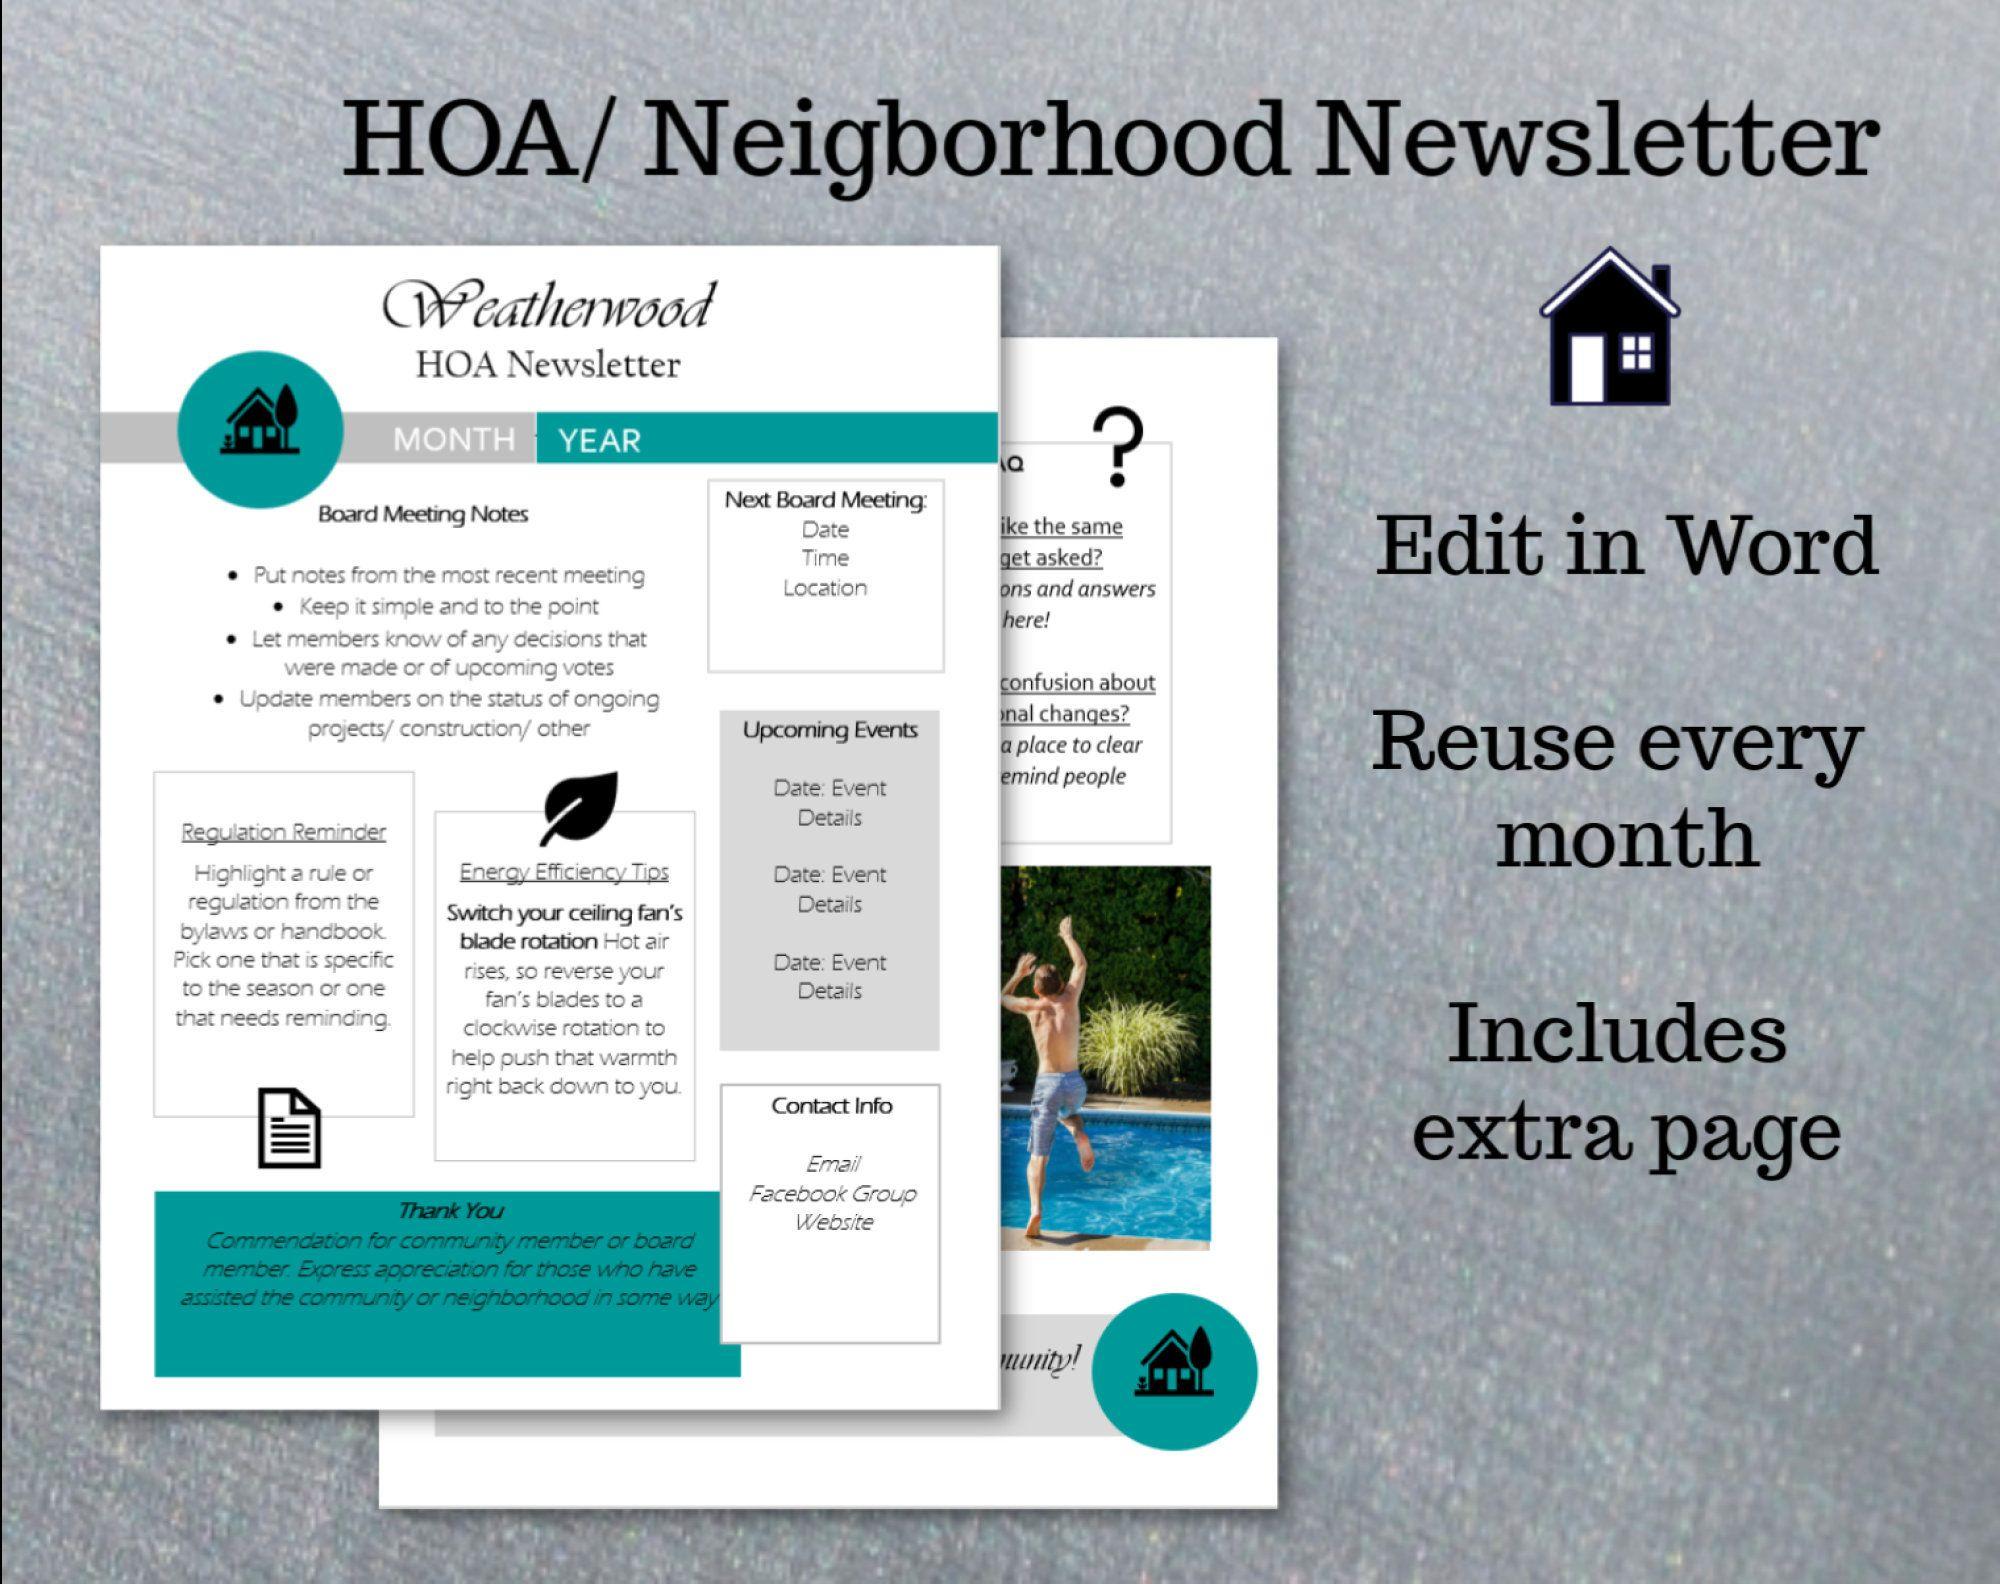 Hoa Newsletter Neighborhood Newsletter Editable Newsletter Etsy In 2021 Newsletter Templates Editable Newsletter Templates Editable Newsletter News letter templates in word